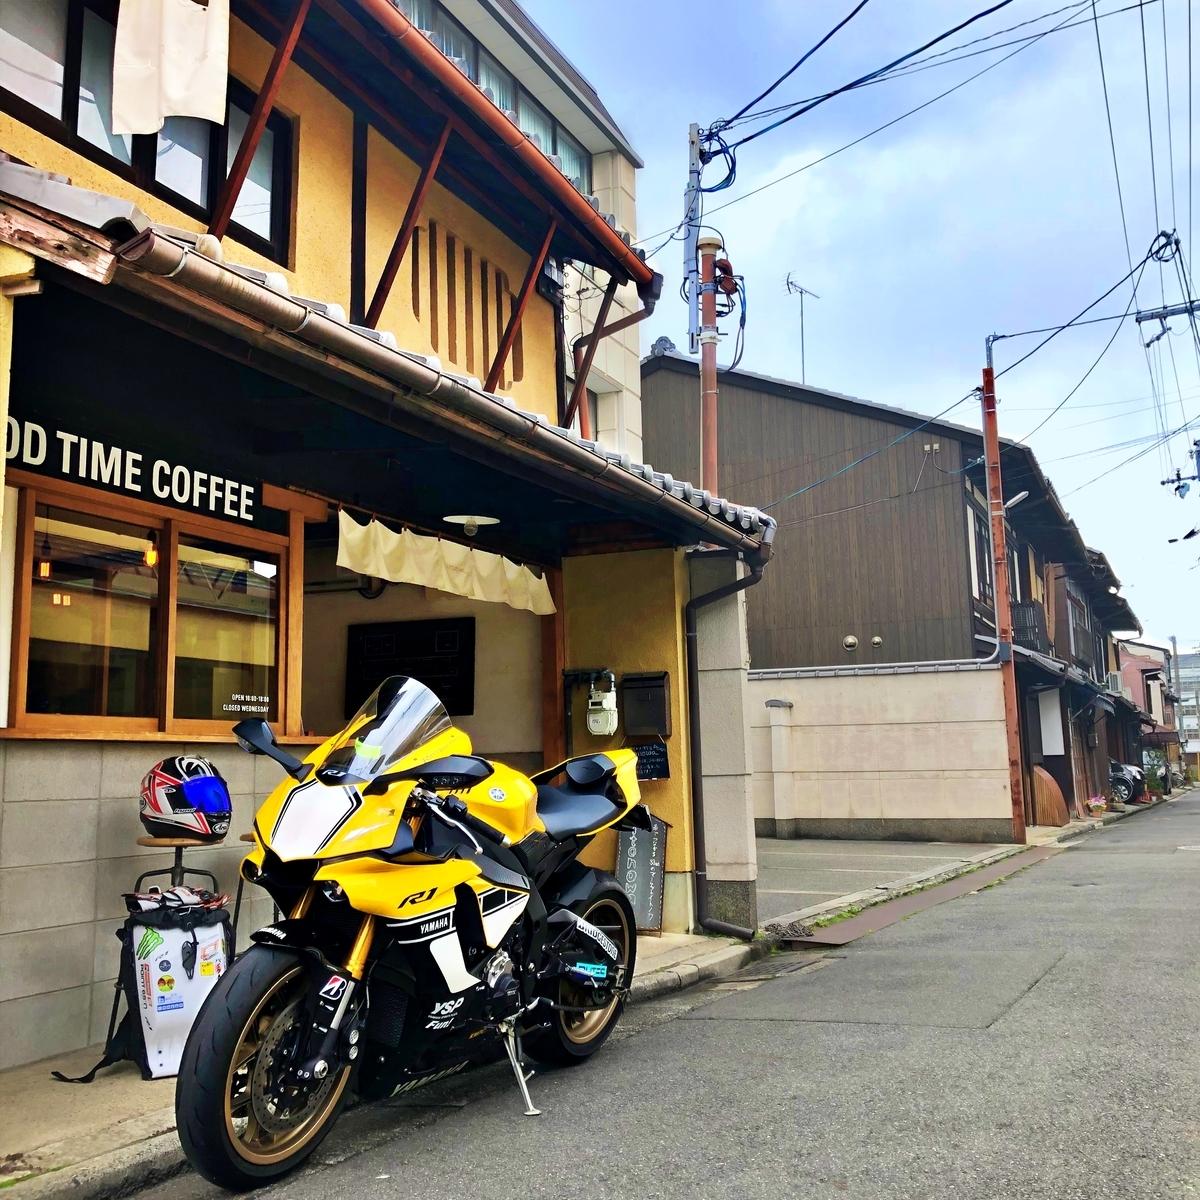 f:id:motowriter:20190405230055j:plain